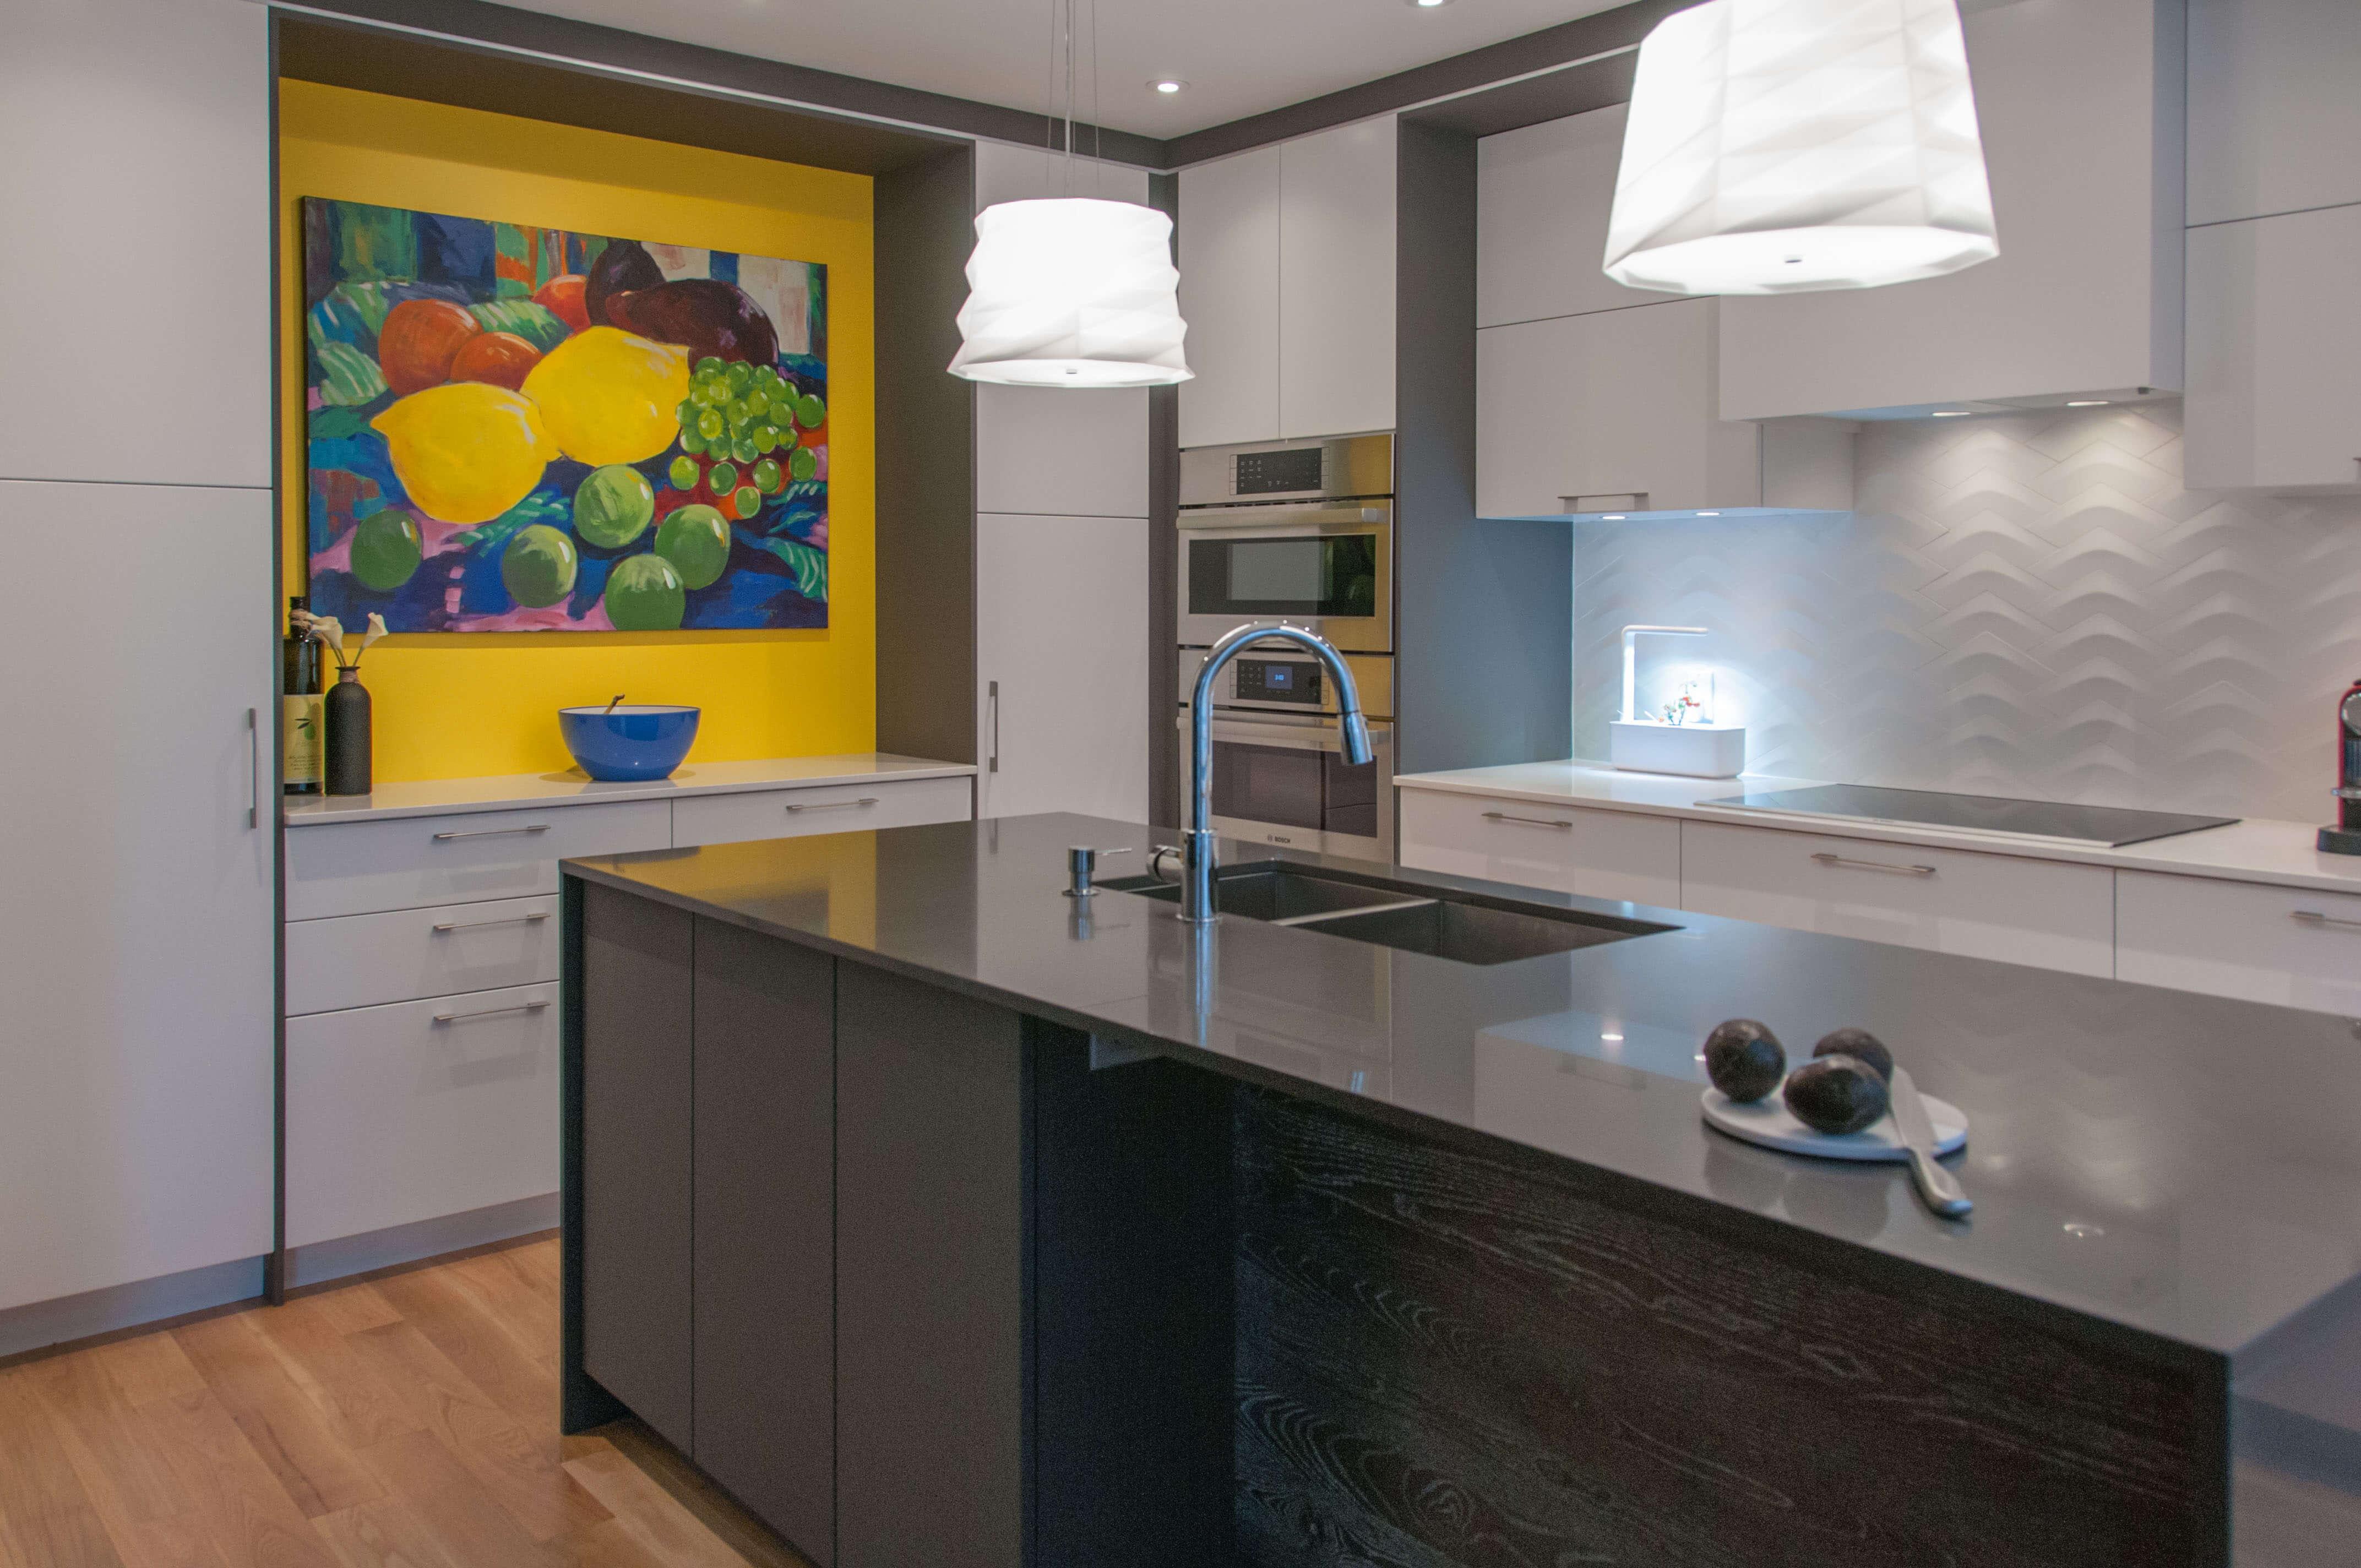 Renovation De Cuisine Projet De Design D Interieur Residentiel